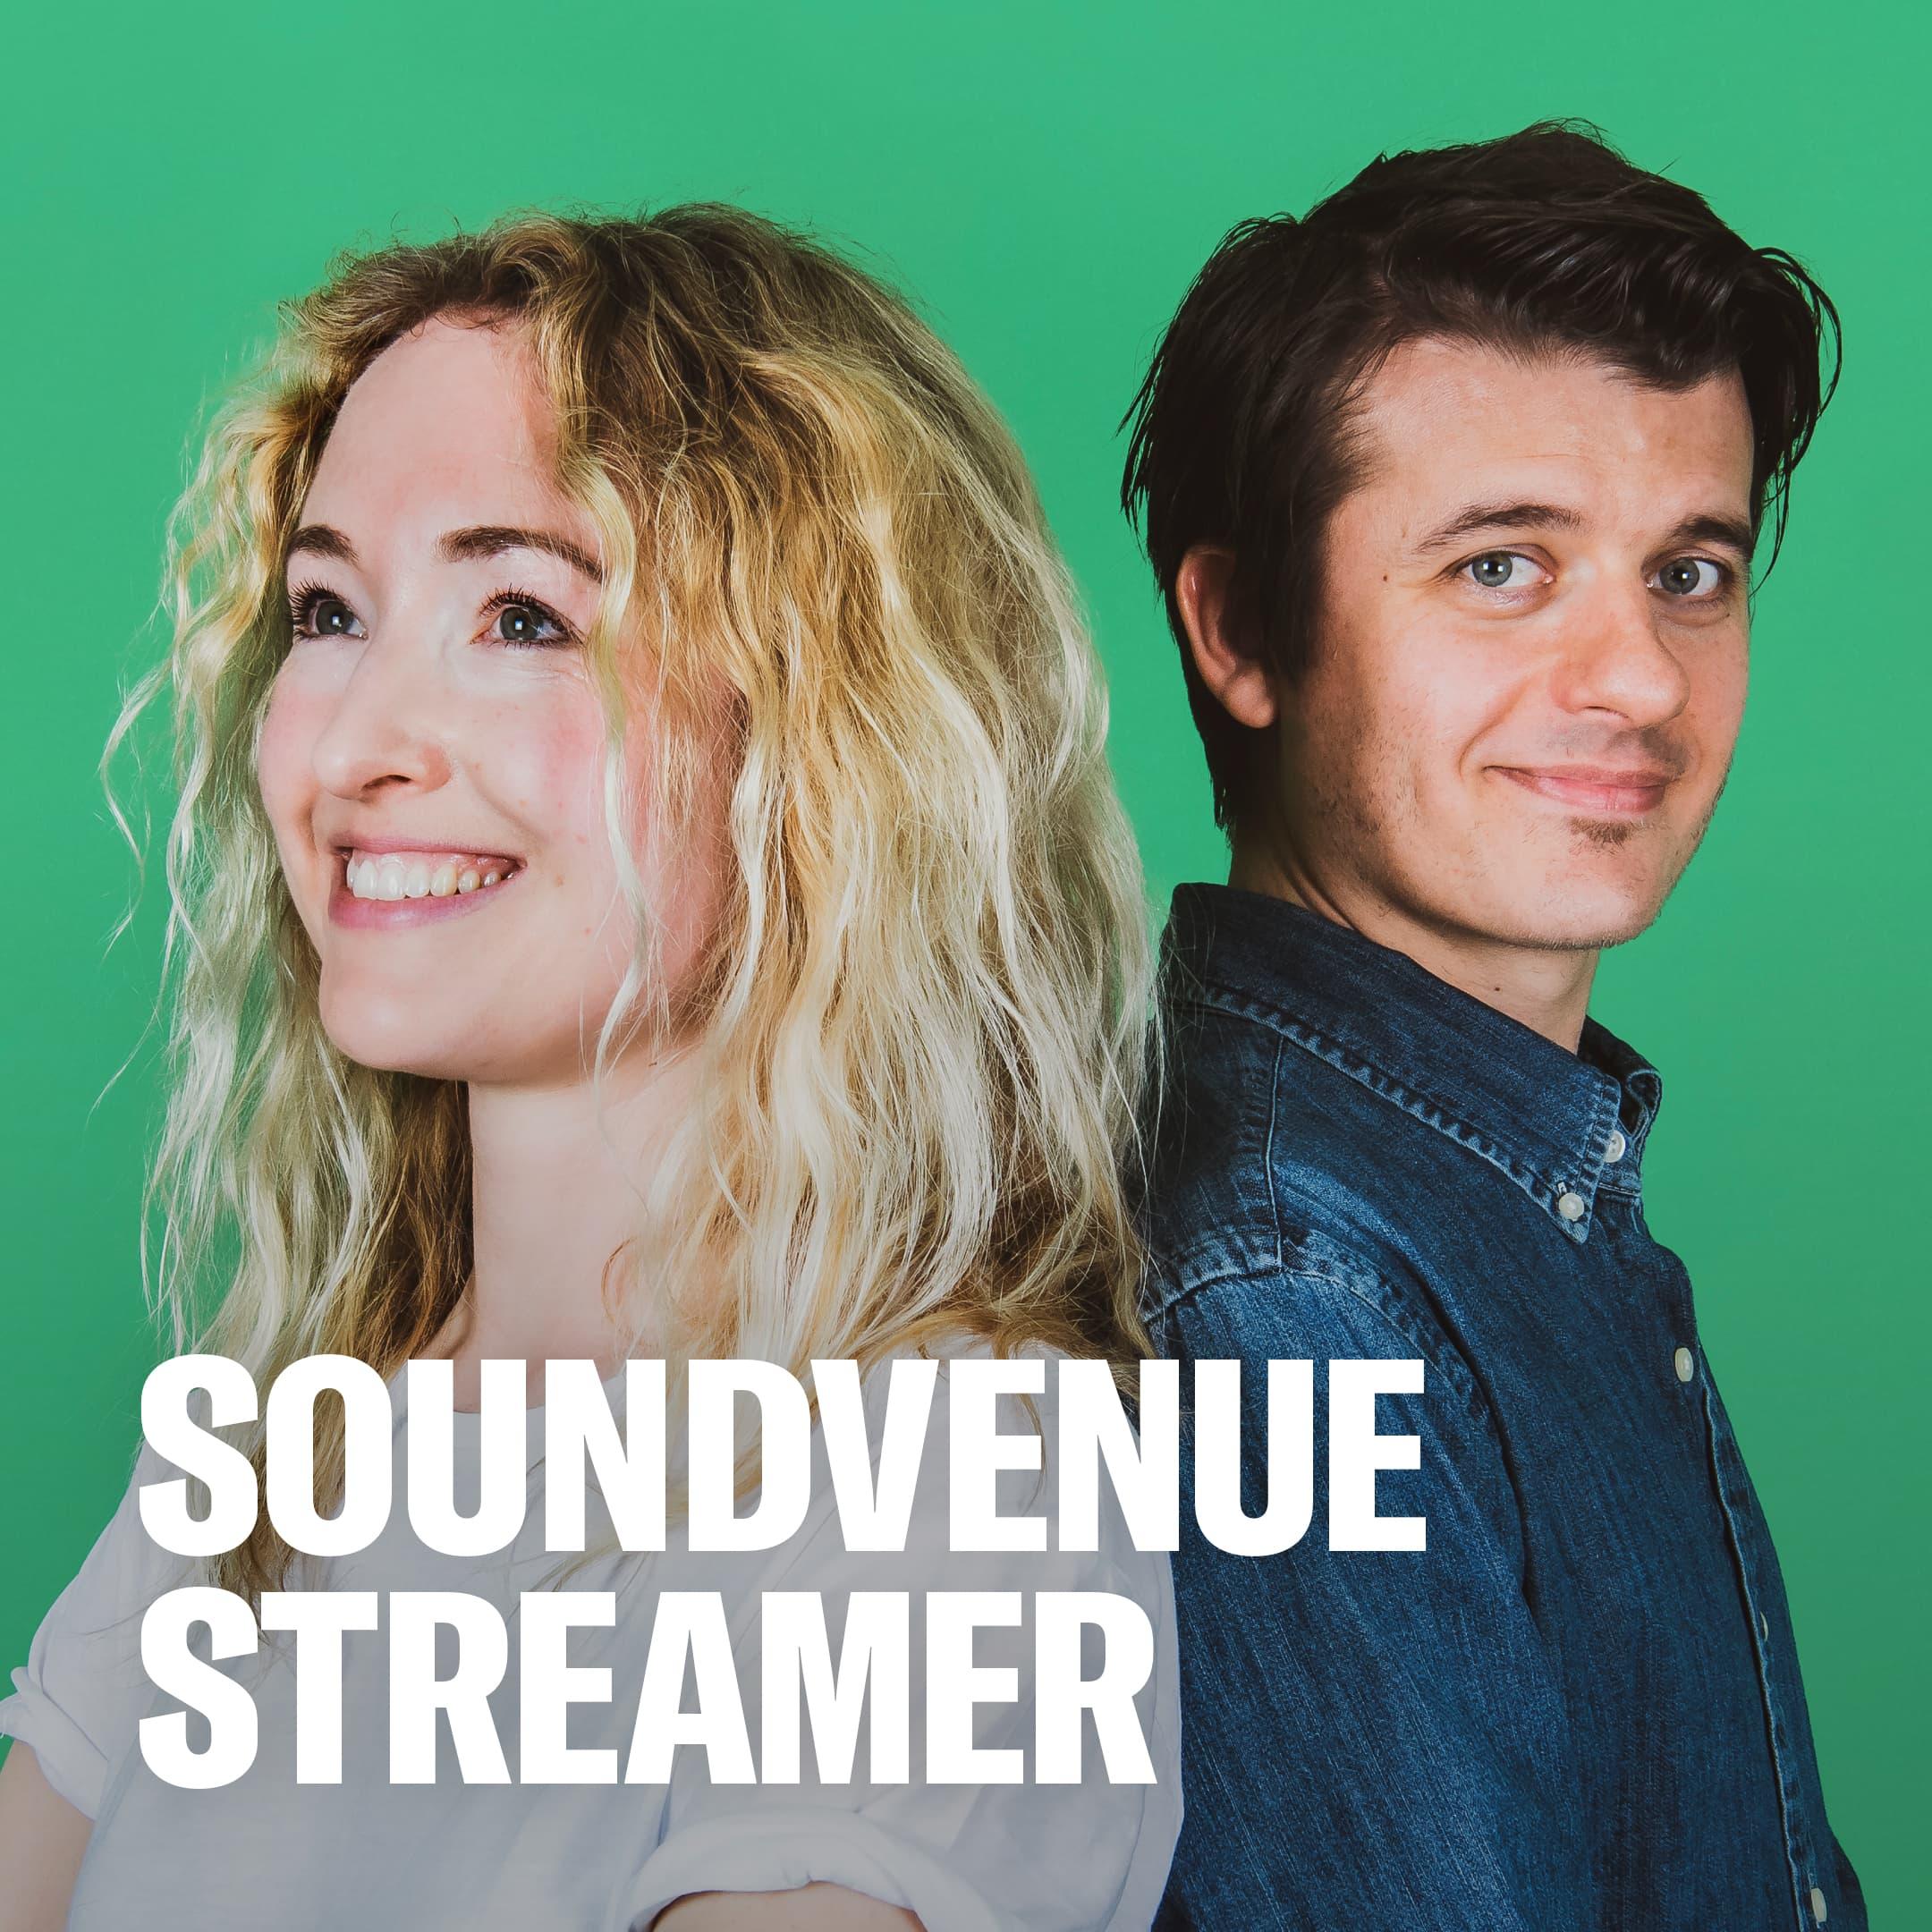 Soundvenue streamer show art